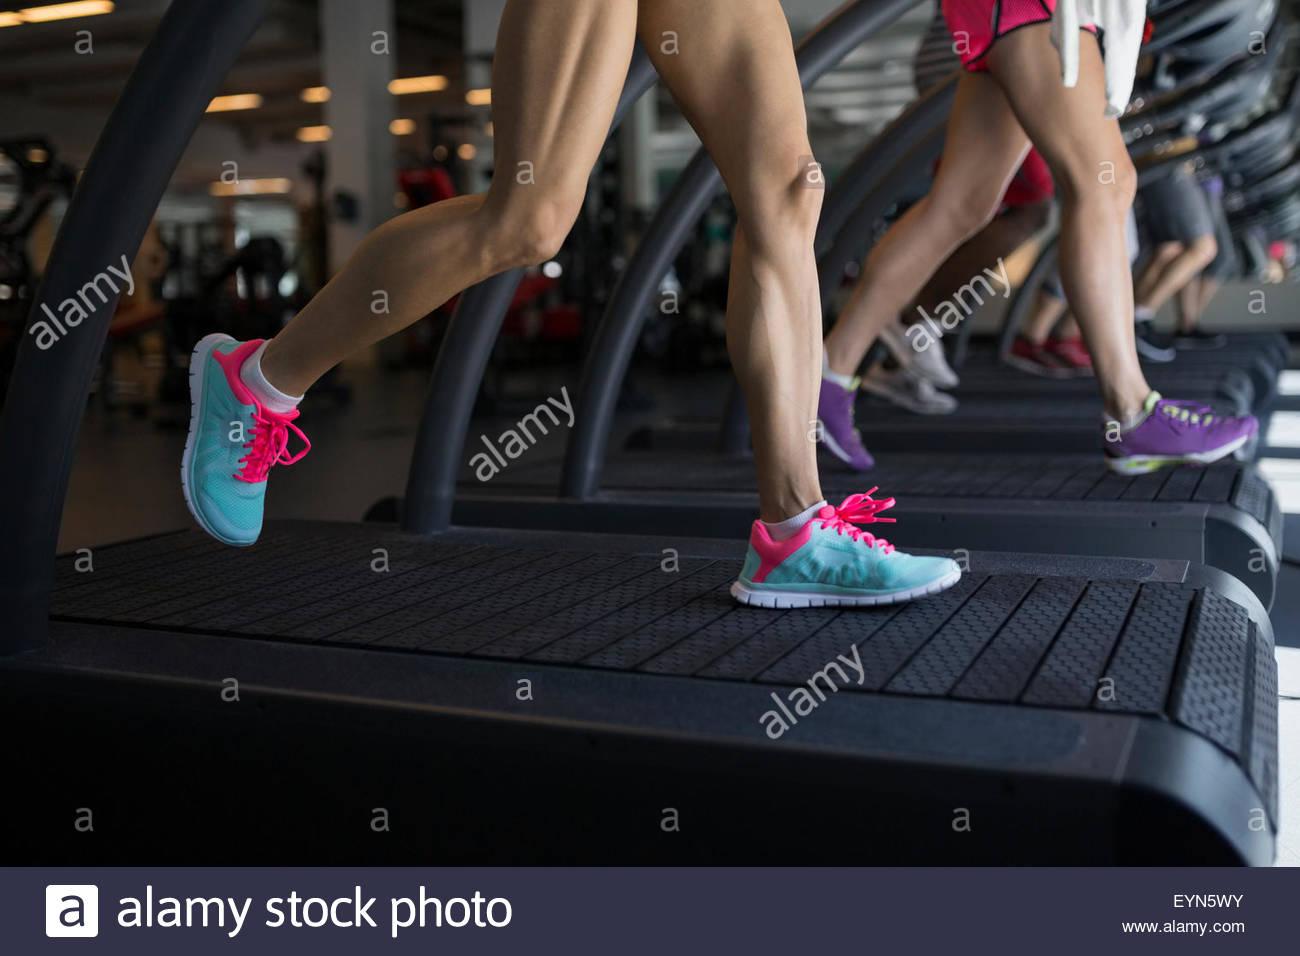 Le gambe delle donne in esecuzione sul tapis roulant in palestra Immagini Stock